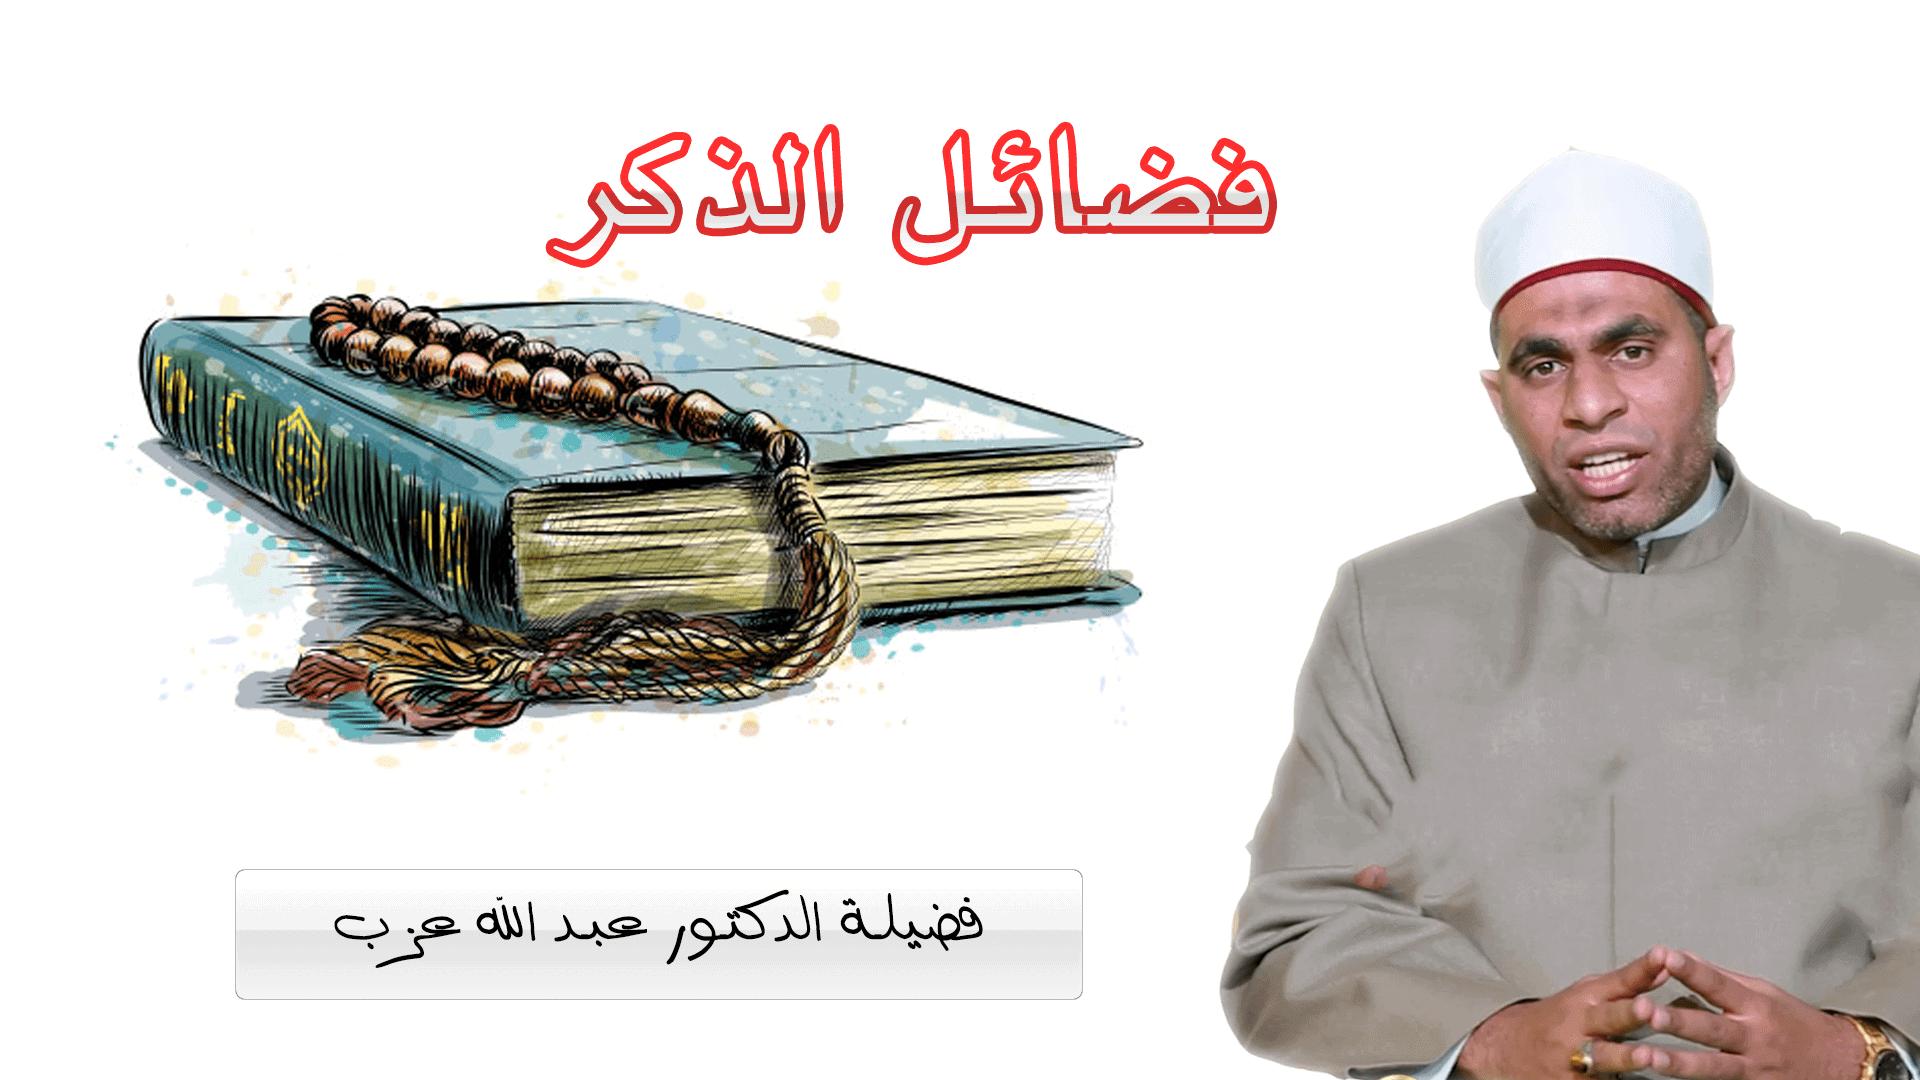 دكتوراه عبد الله عزب